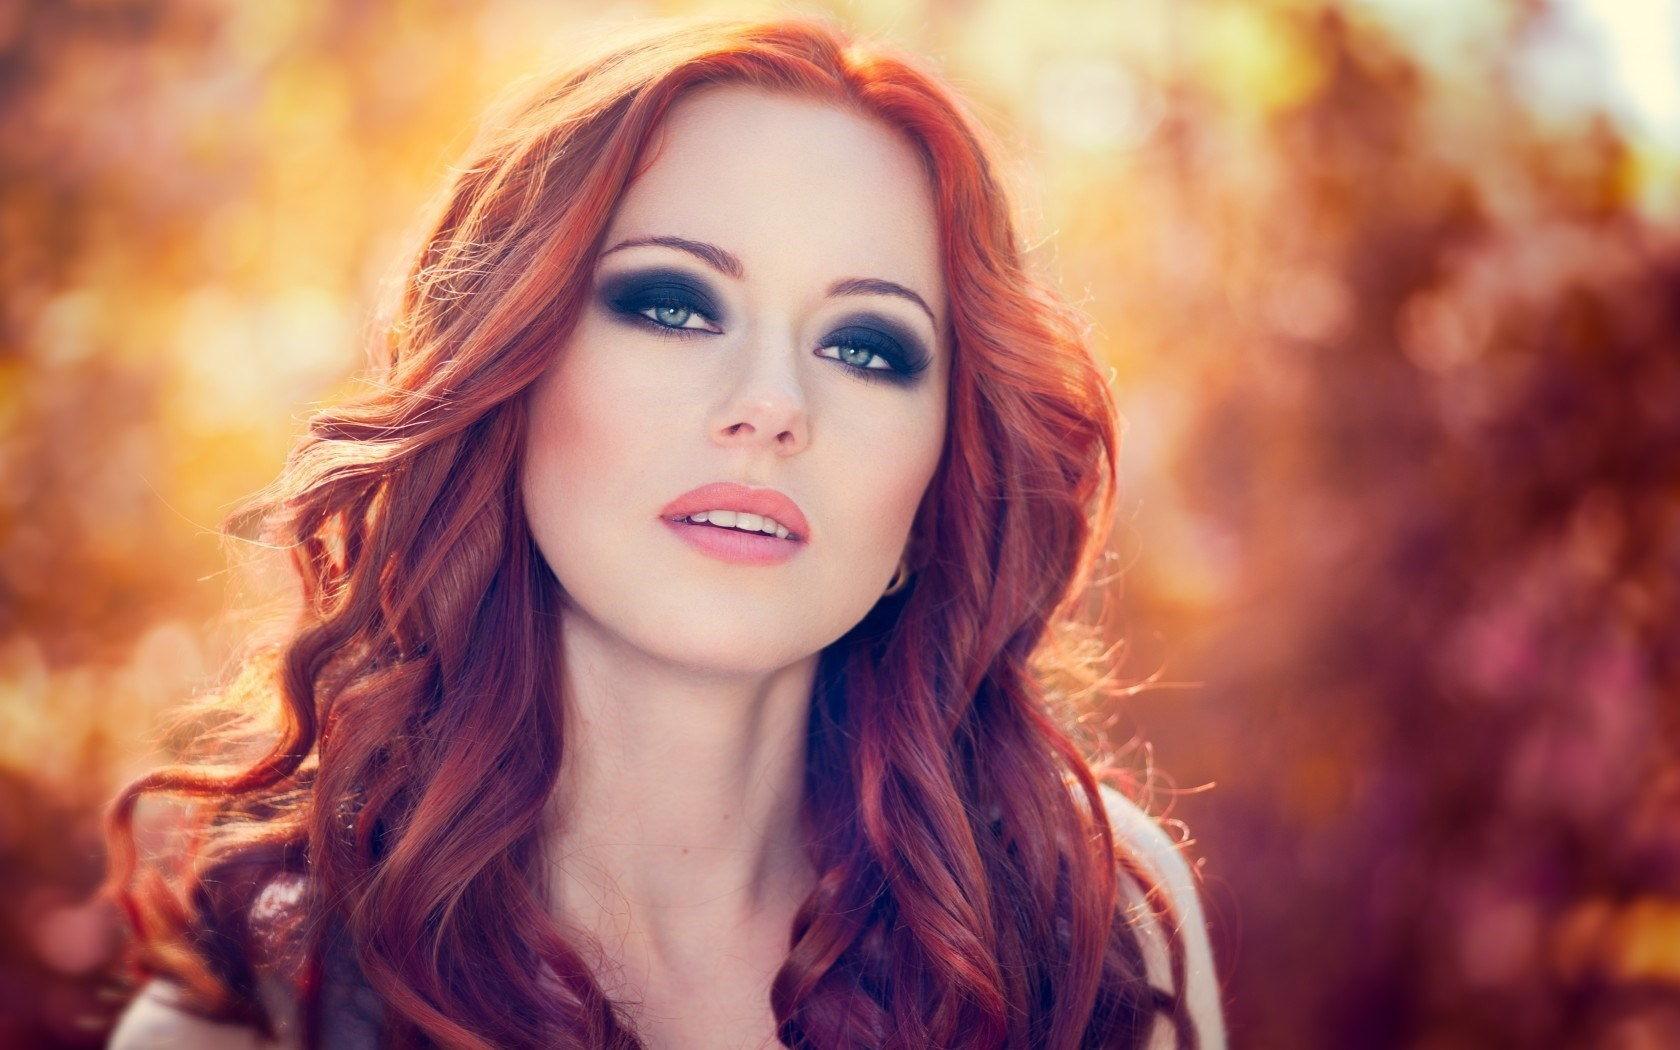 Вечерний макияж для голубых глаз с рыжими волосами